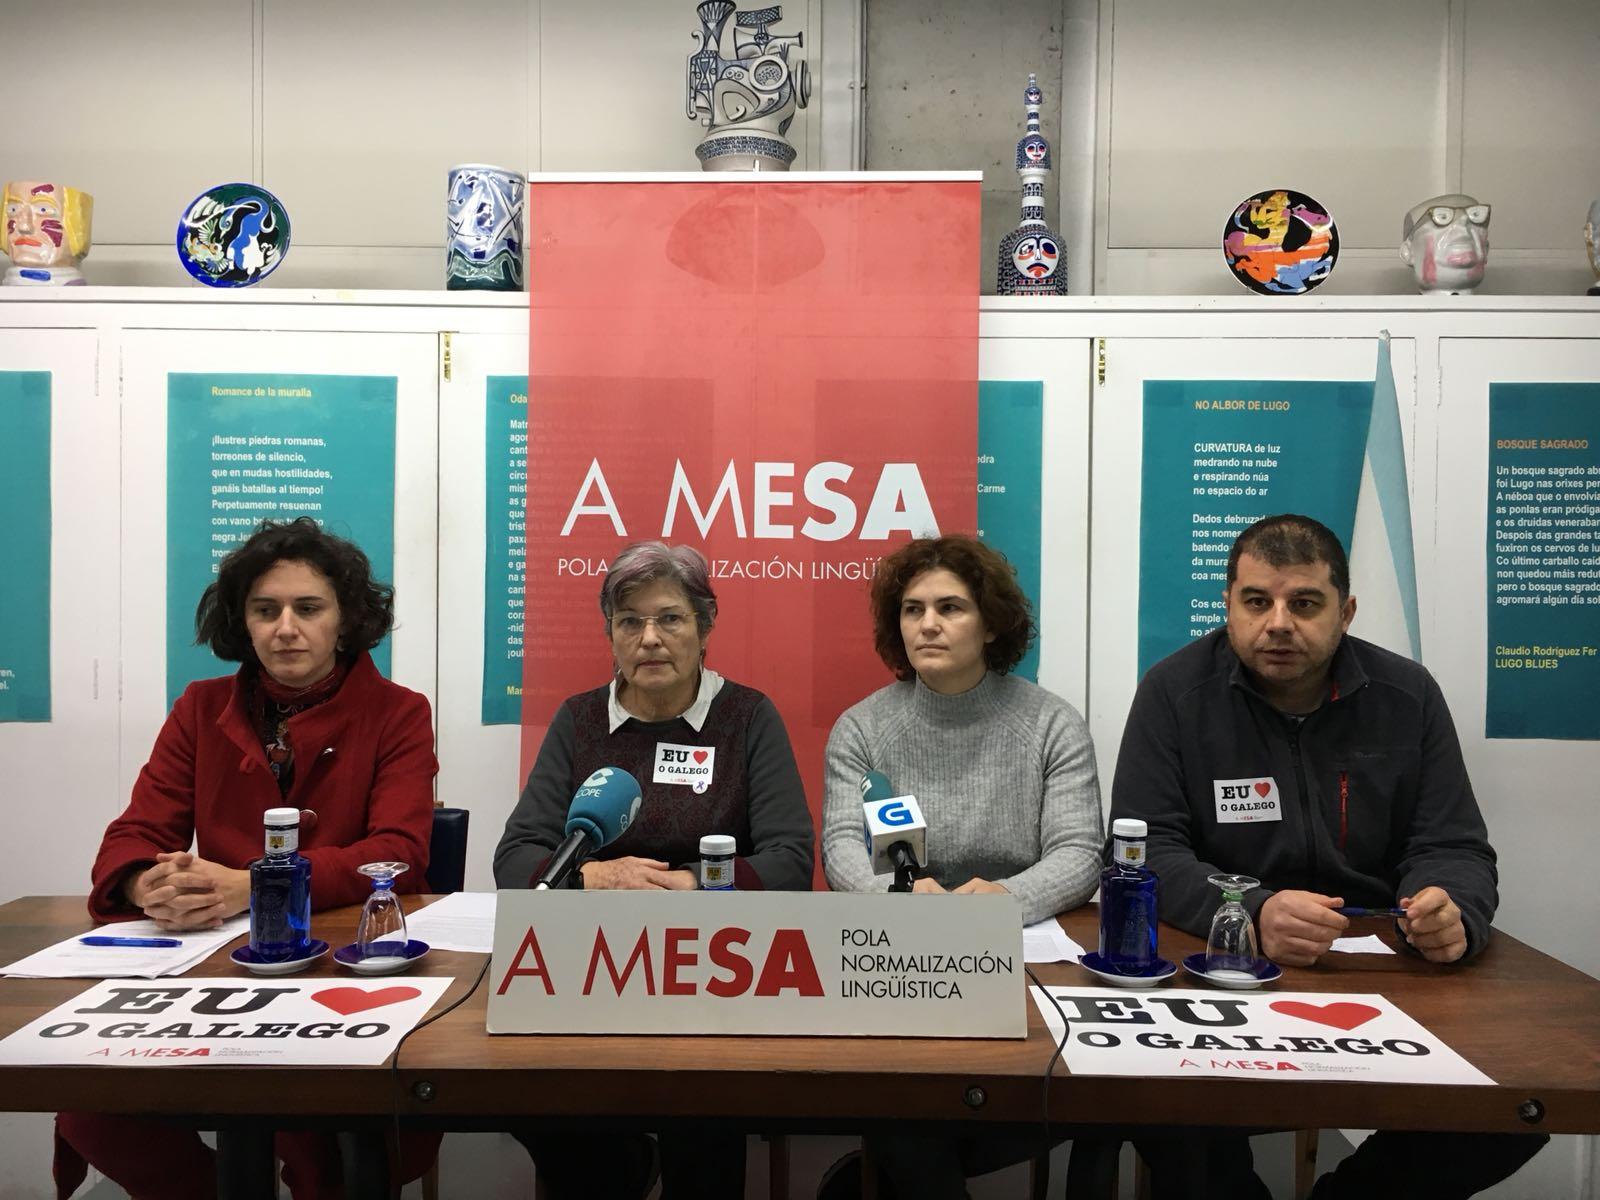 mesa-adela-1-2018-03-05